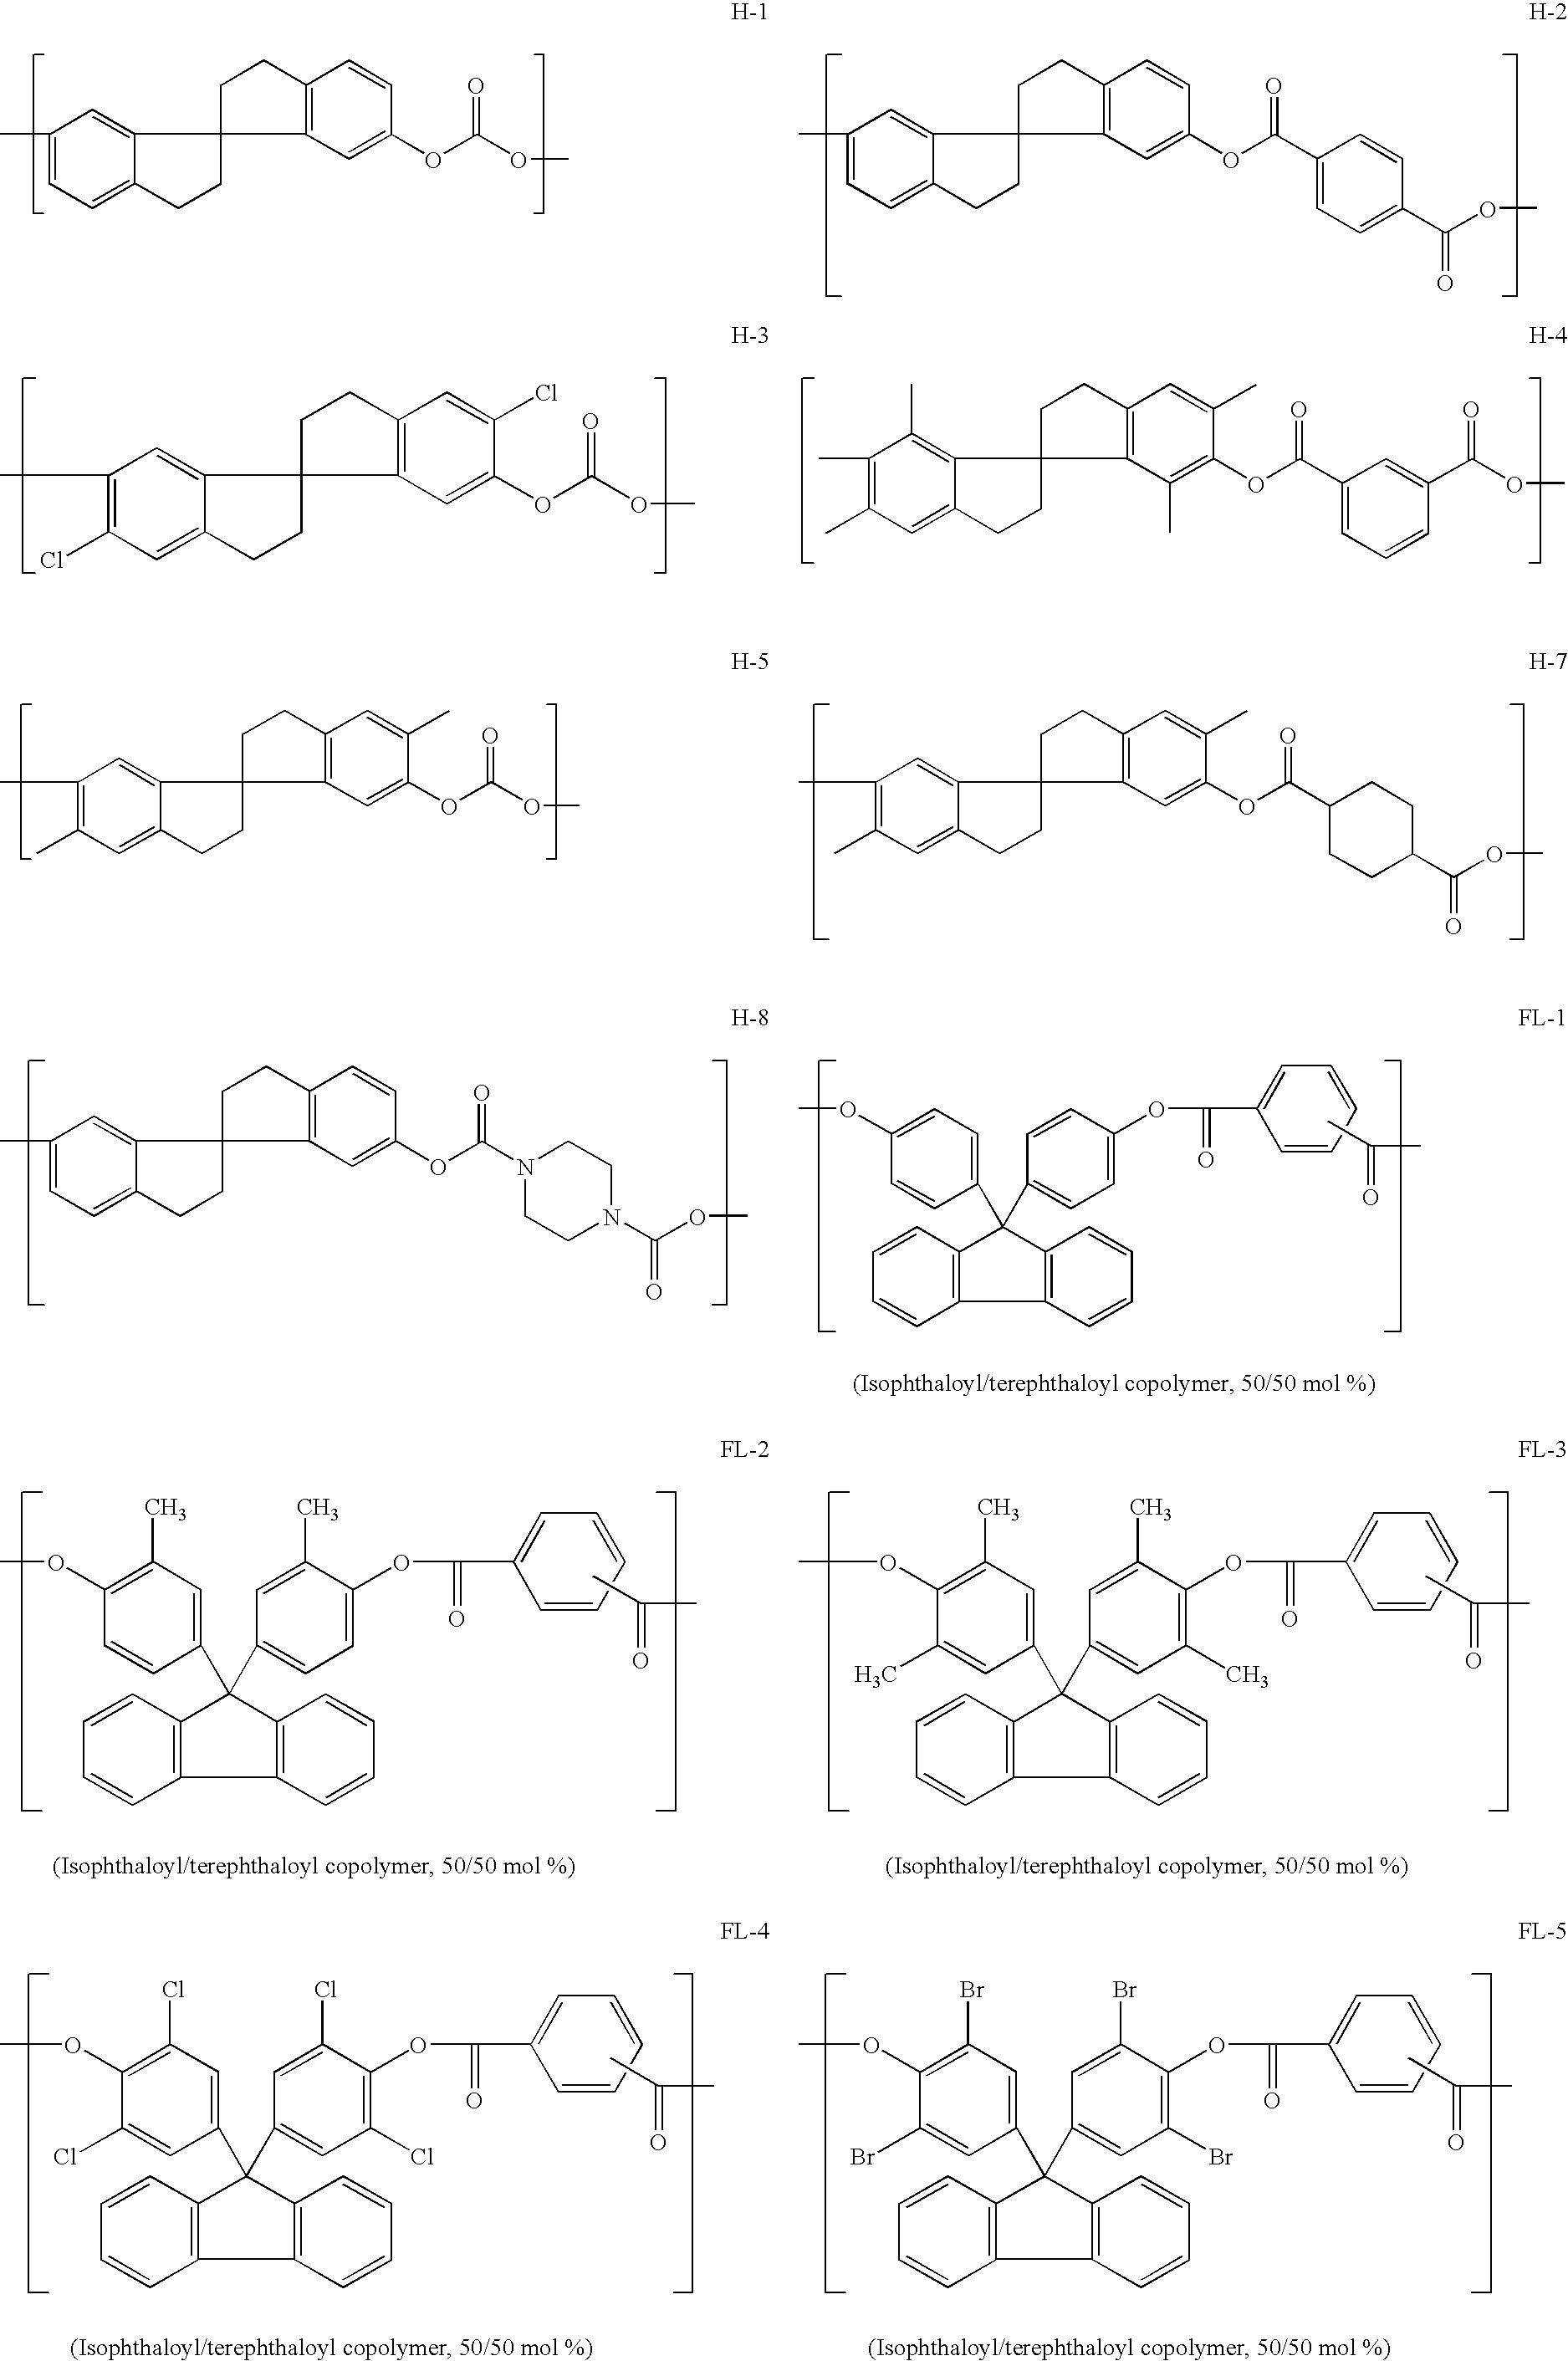 Figure US07297414-20071120-C00013